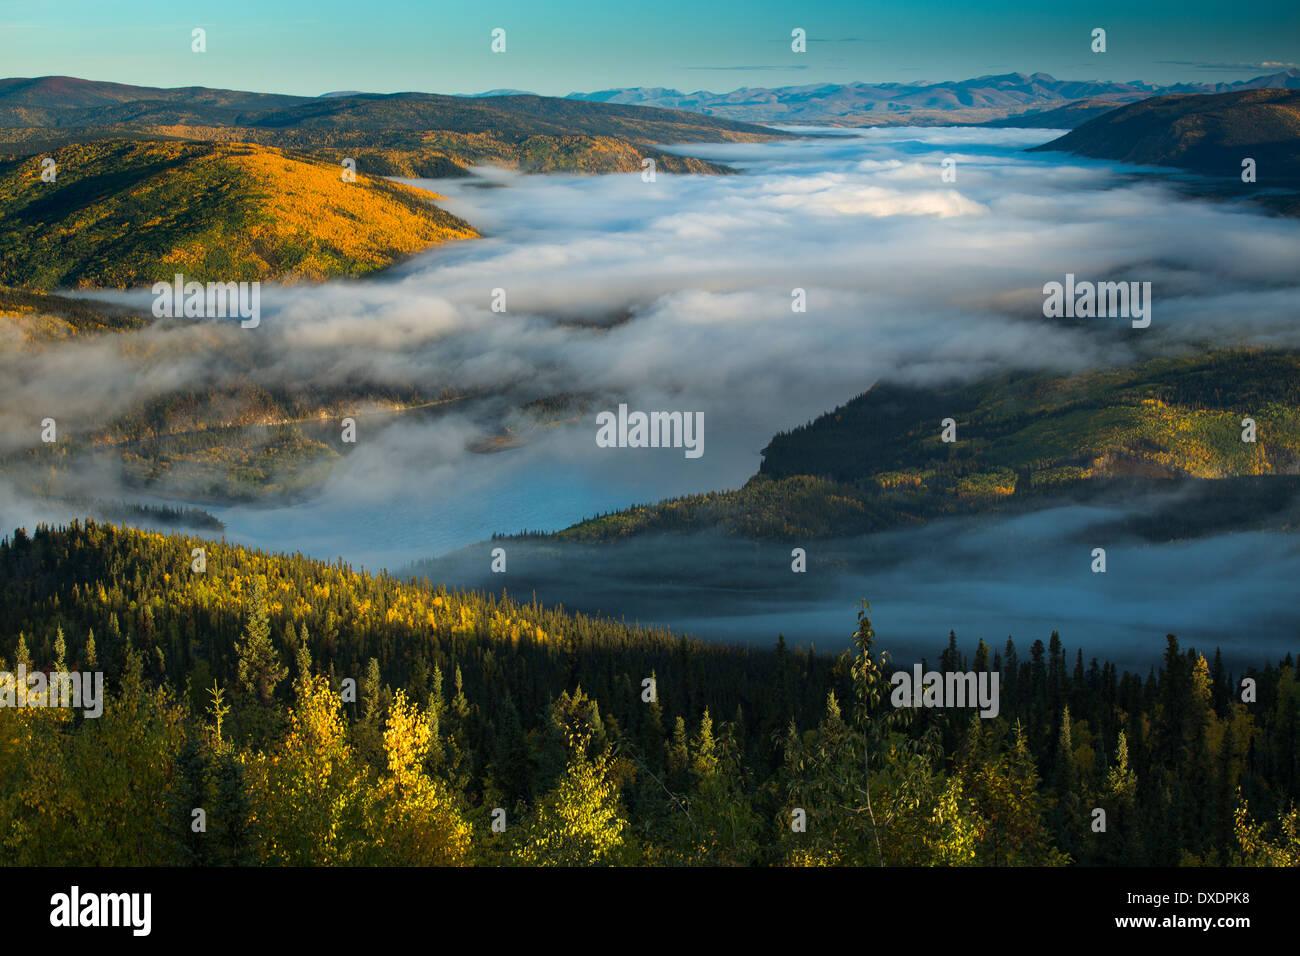 Nebel im Tal des Flusses Yukon im Morgengrauen, stromabwärts von Dawson City vom Dome Hill, Yukon Territorien, Kanada Stockbild